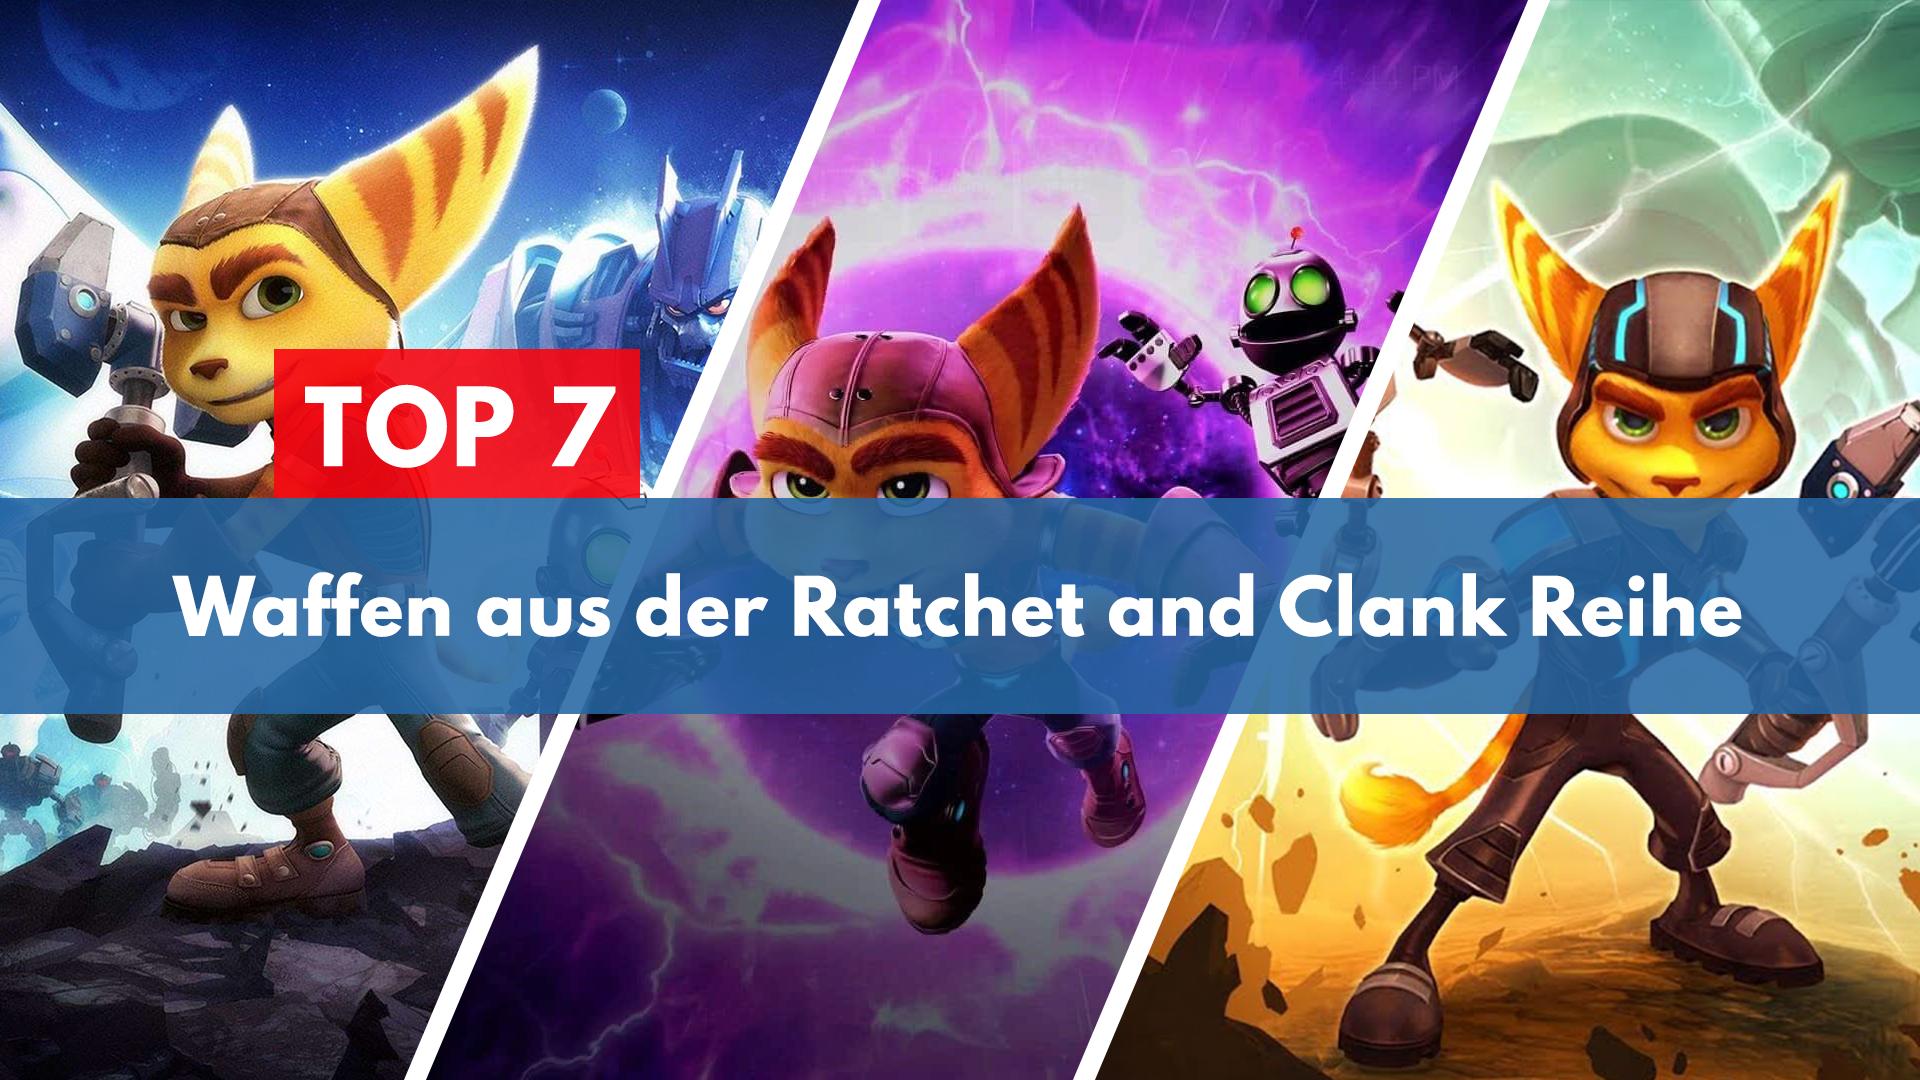 Top 7 Waffen aus der Ratchet und Clank Waffen